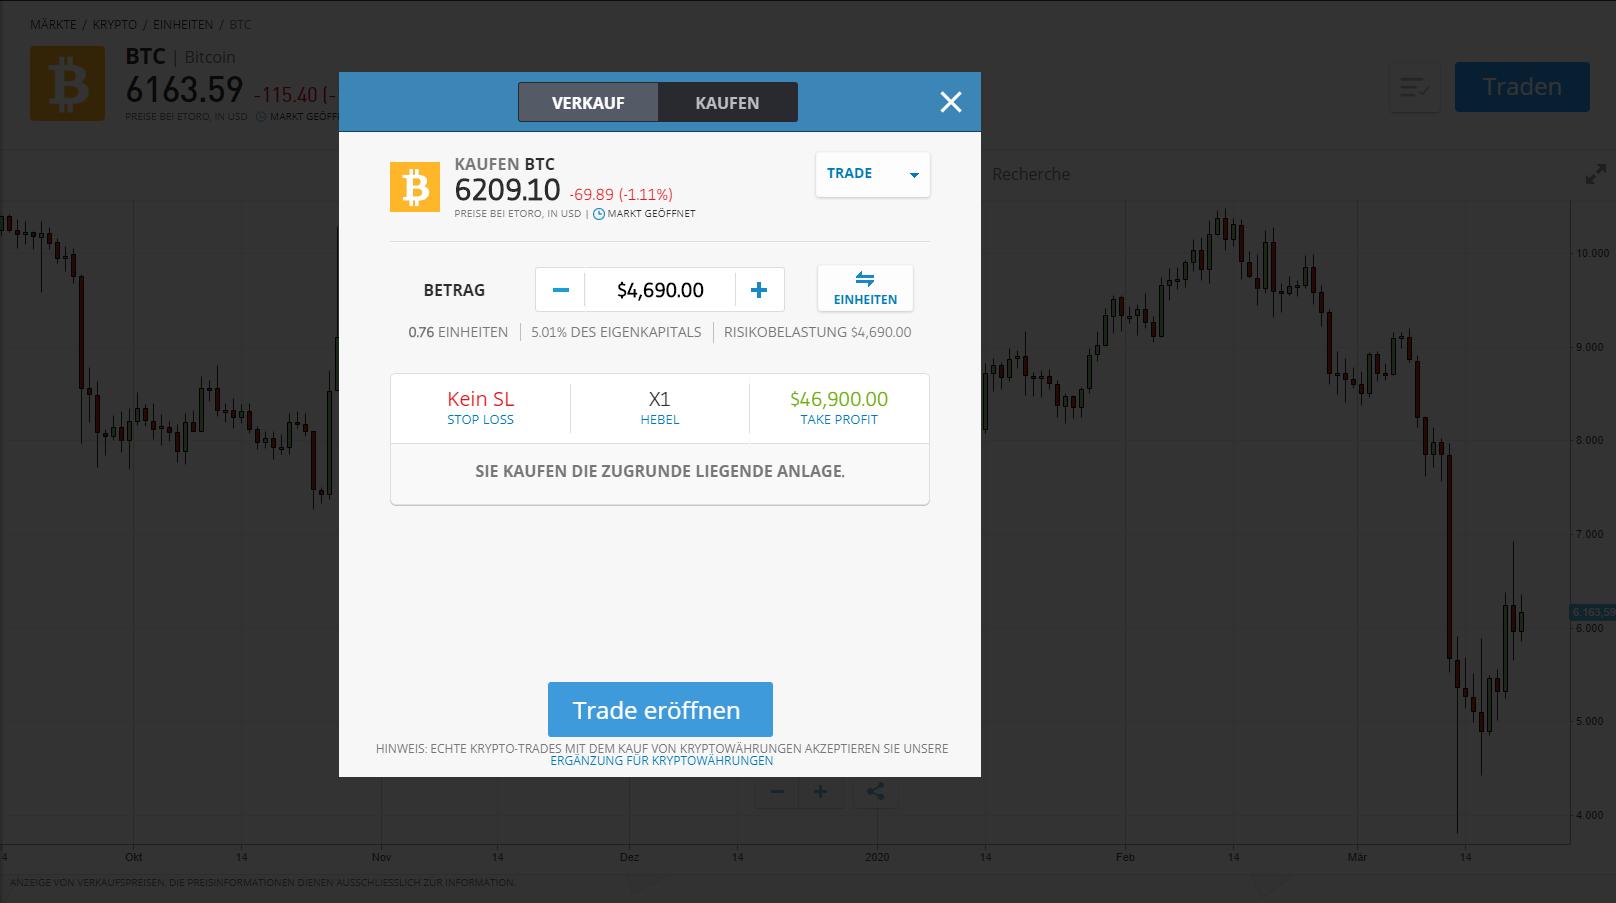 Kaufen Sie Bitcoin bequem per Online Plattform